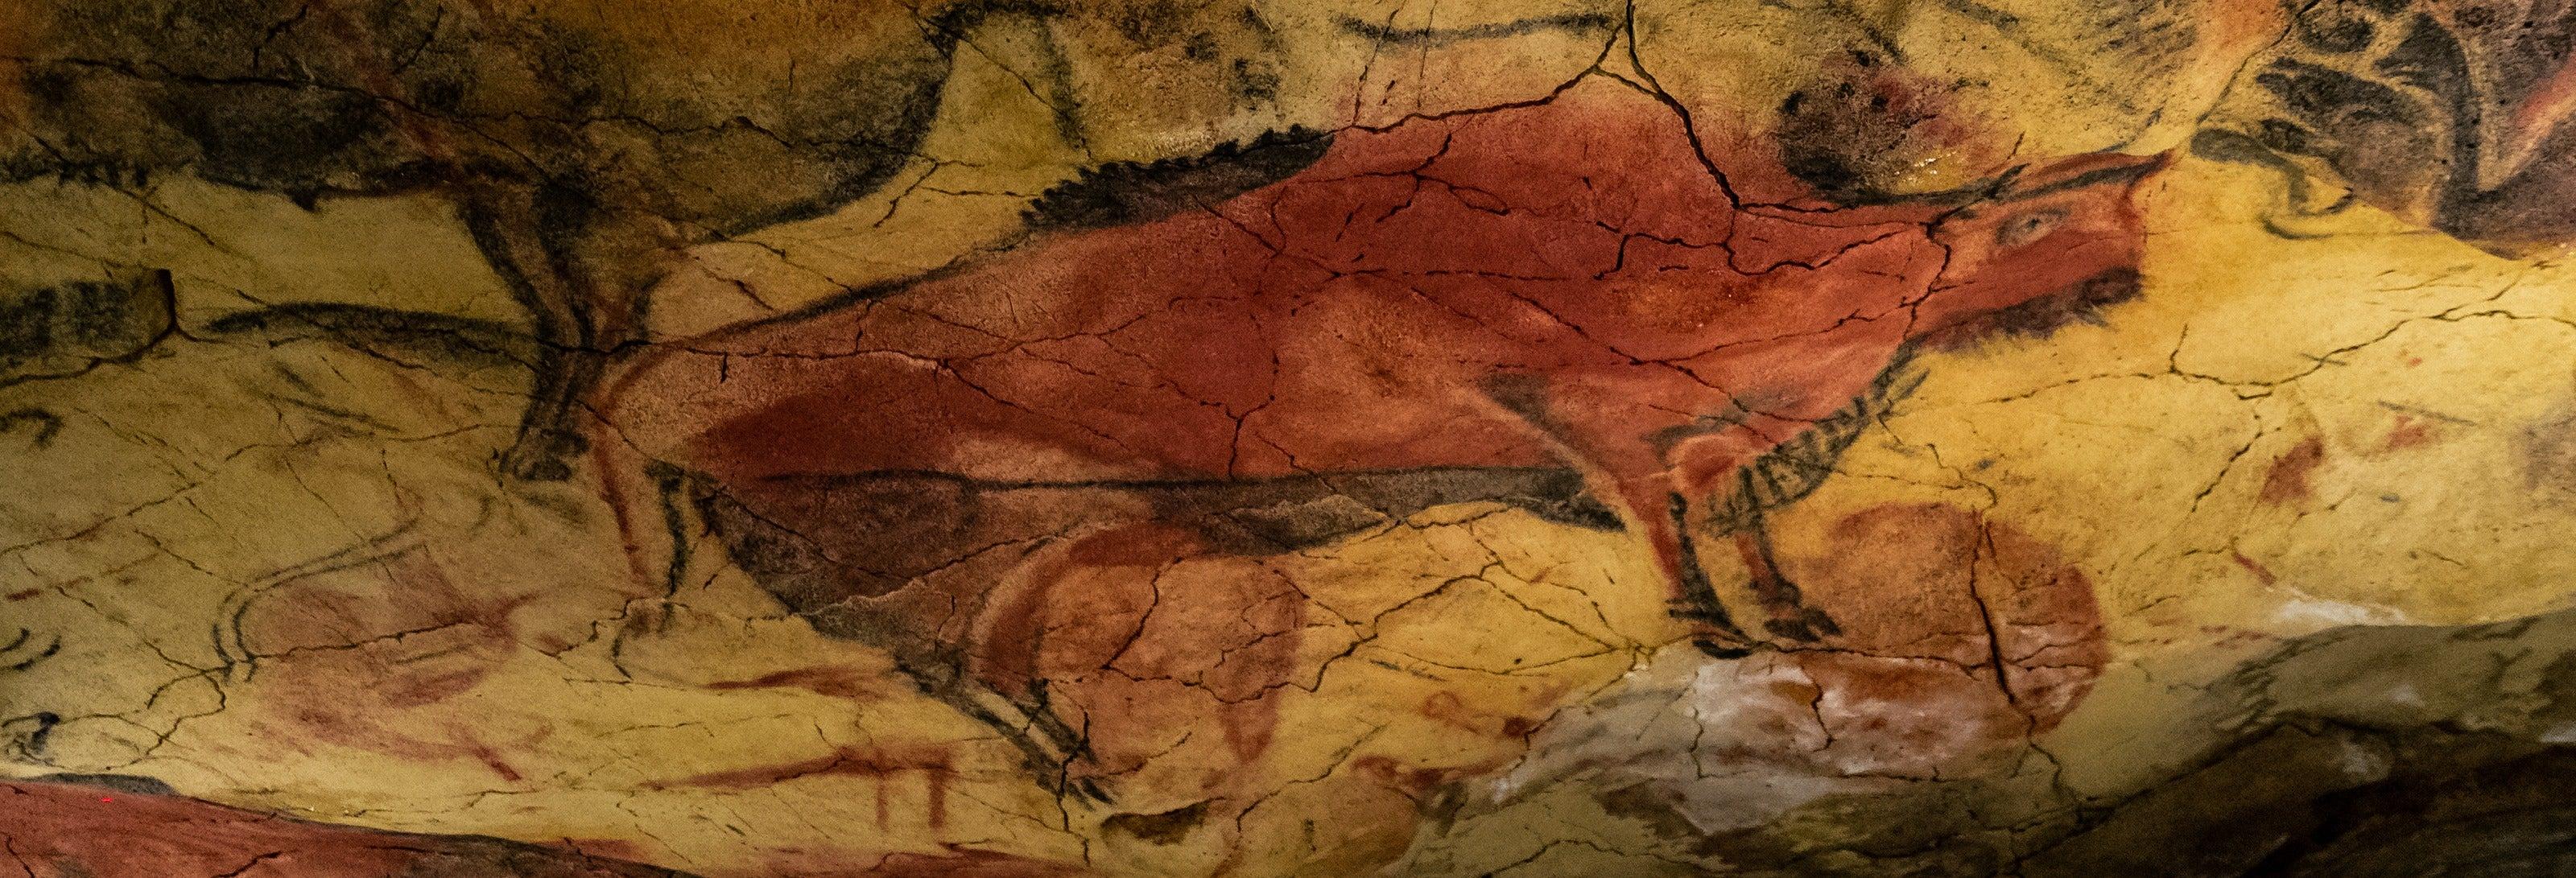 Visita guiada por la Neocueva y Museo de Altamira